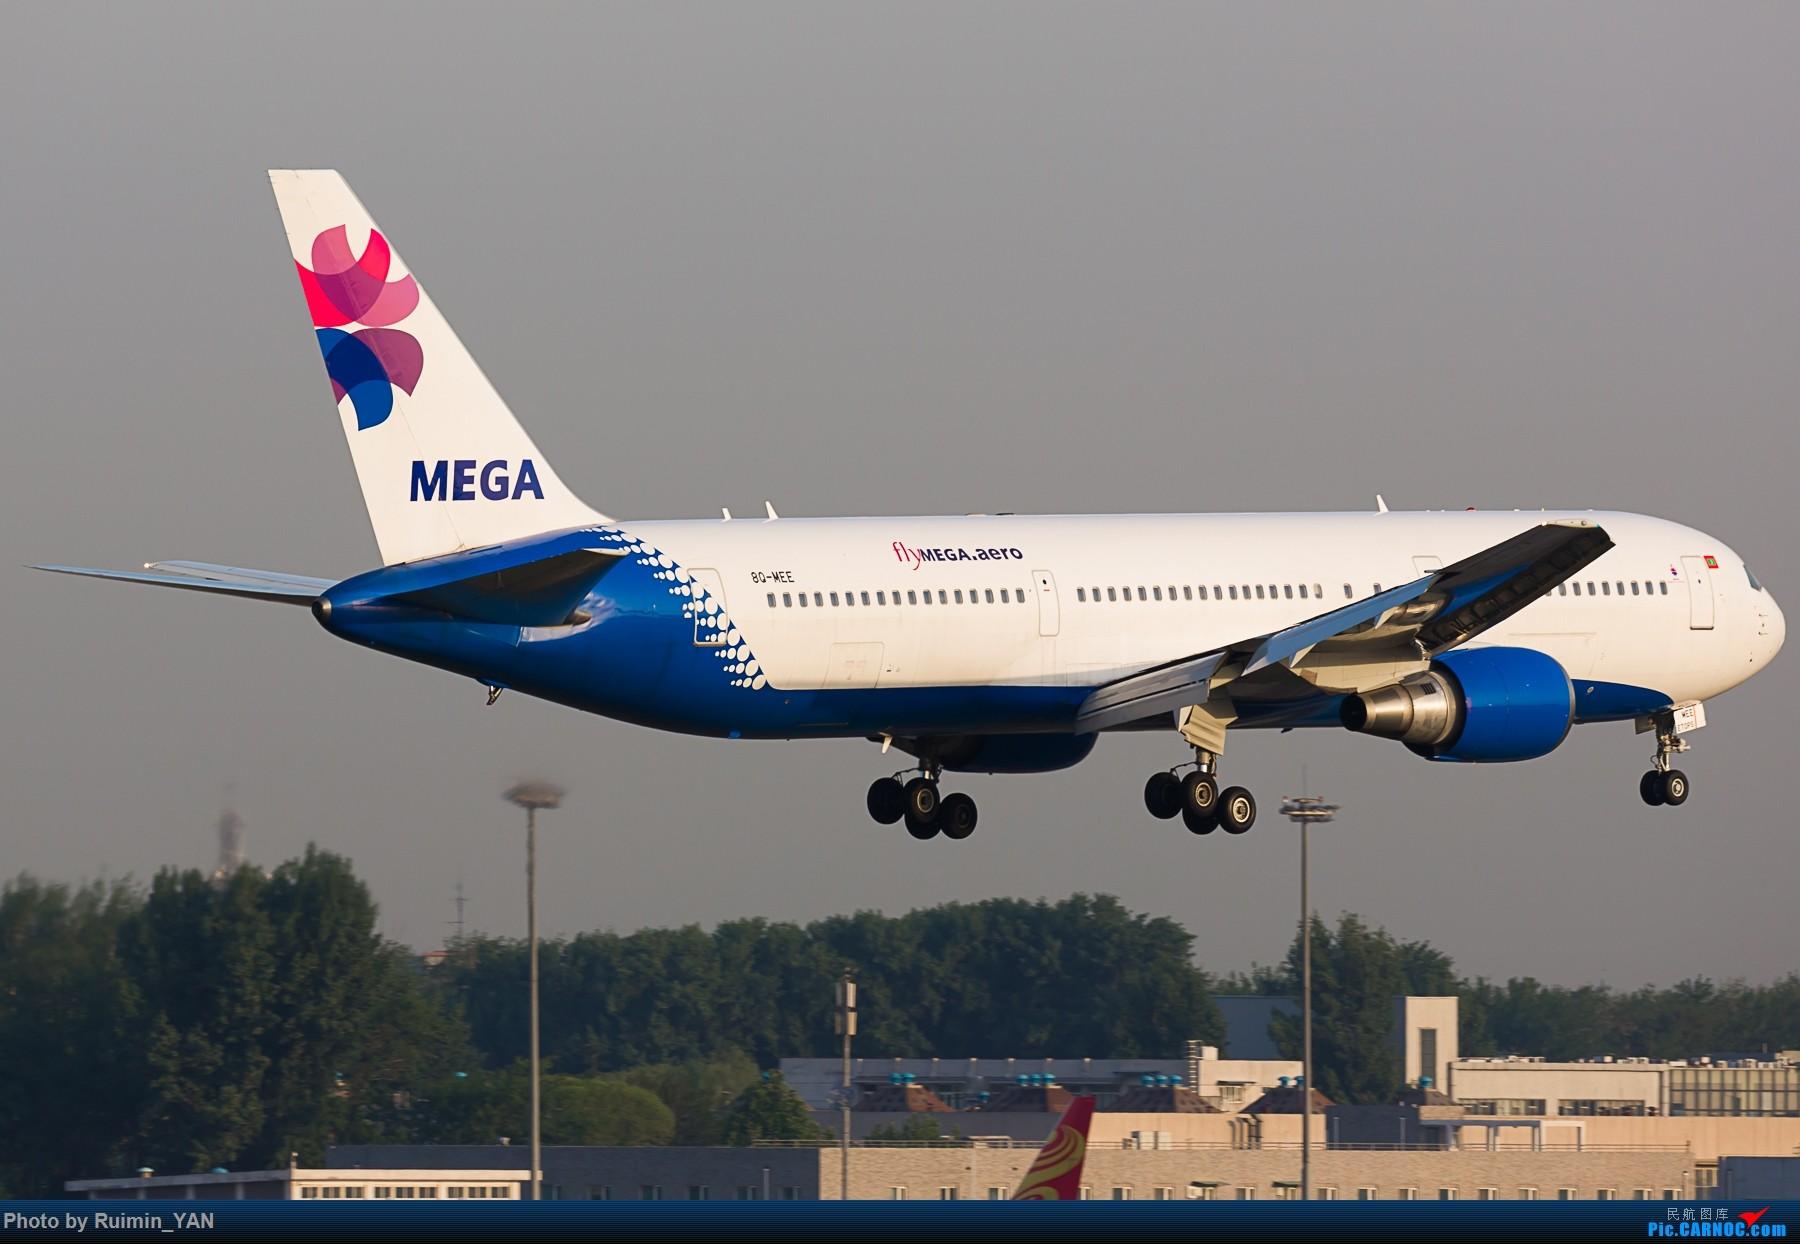 Re:【PEK】【彩绘】马尔代夫美佳航空(LV, Mega Global Air)因重组暂停中国航线 flyMEGA.aero 8Q-MEE B763 BOEING 767-300ER 8Q-MEE 中国北京首都国际机场